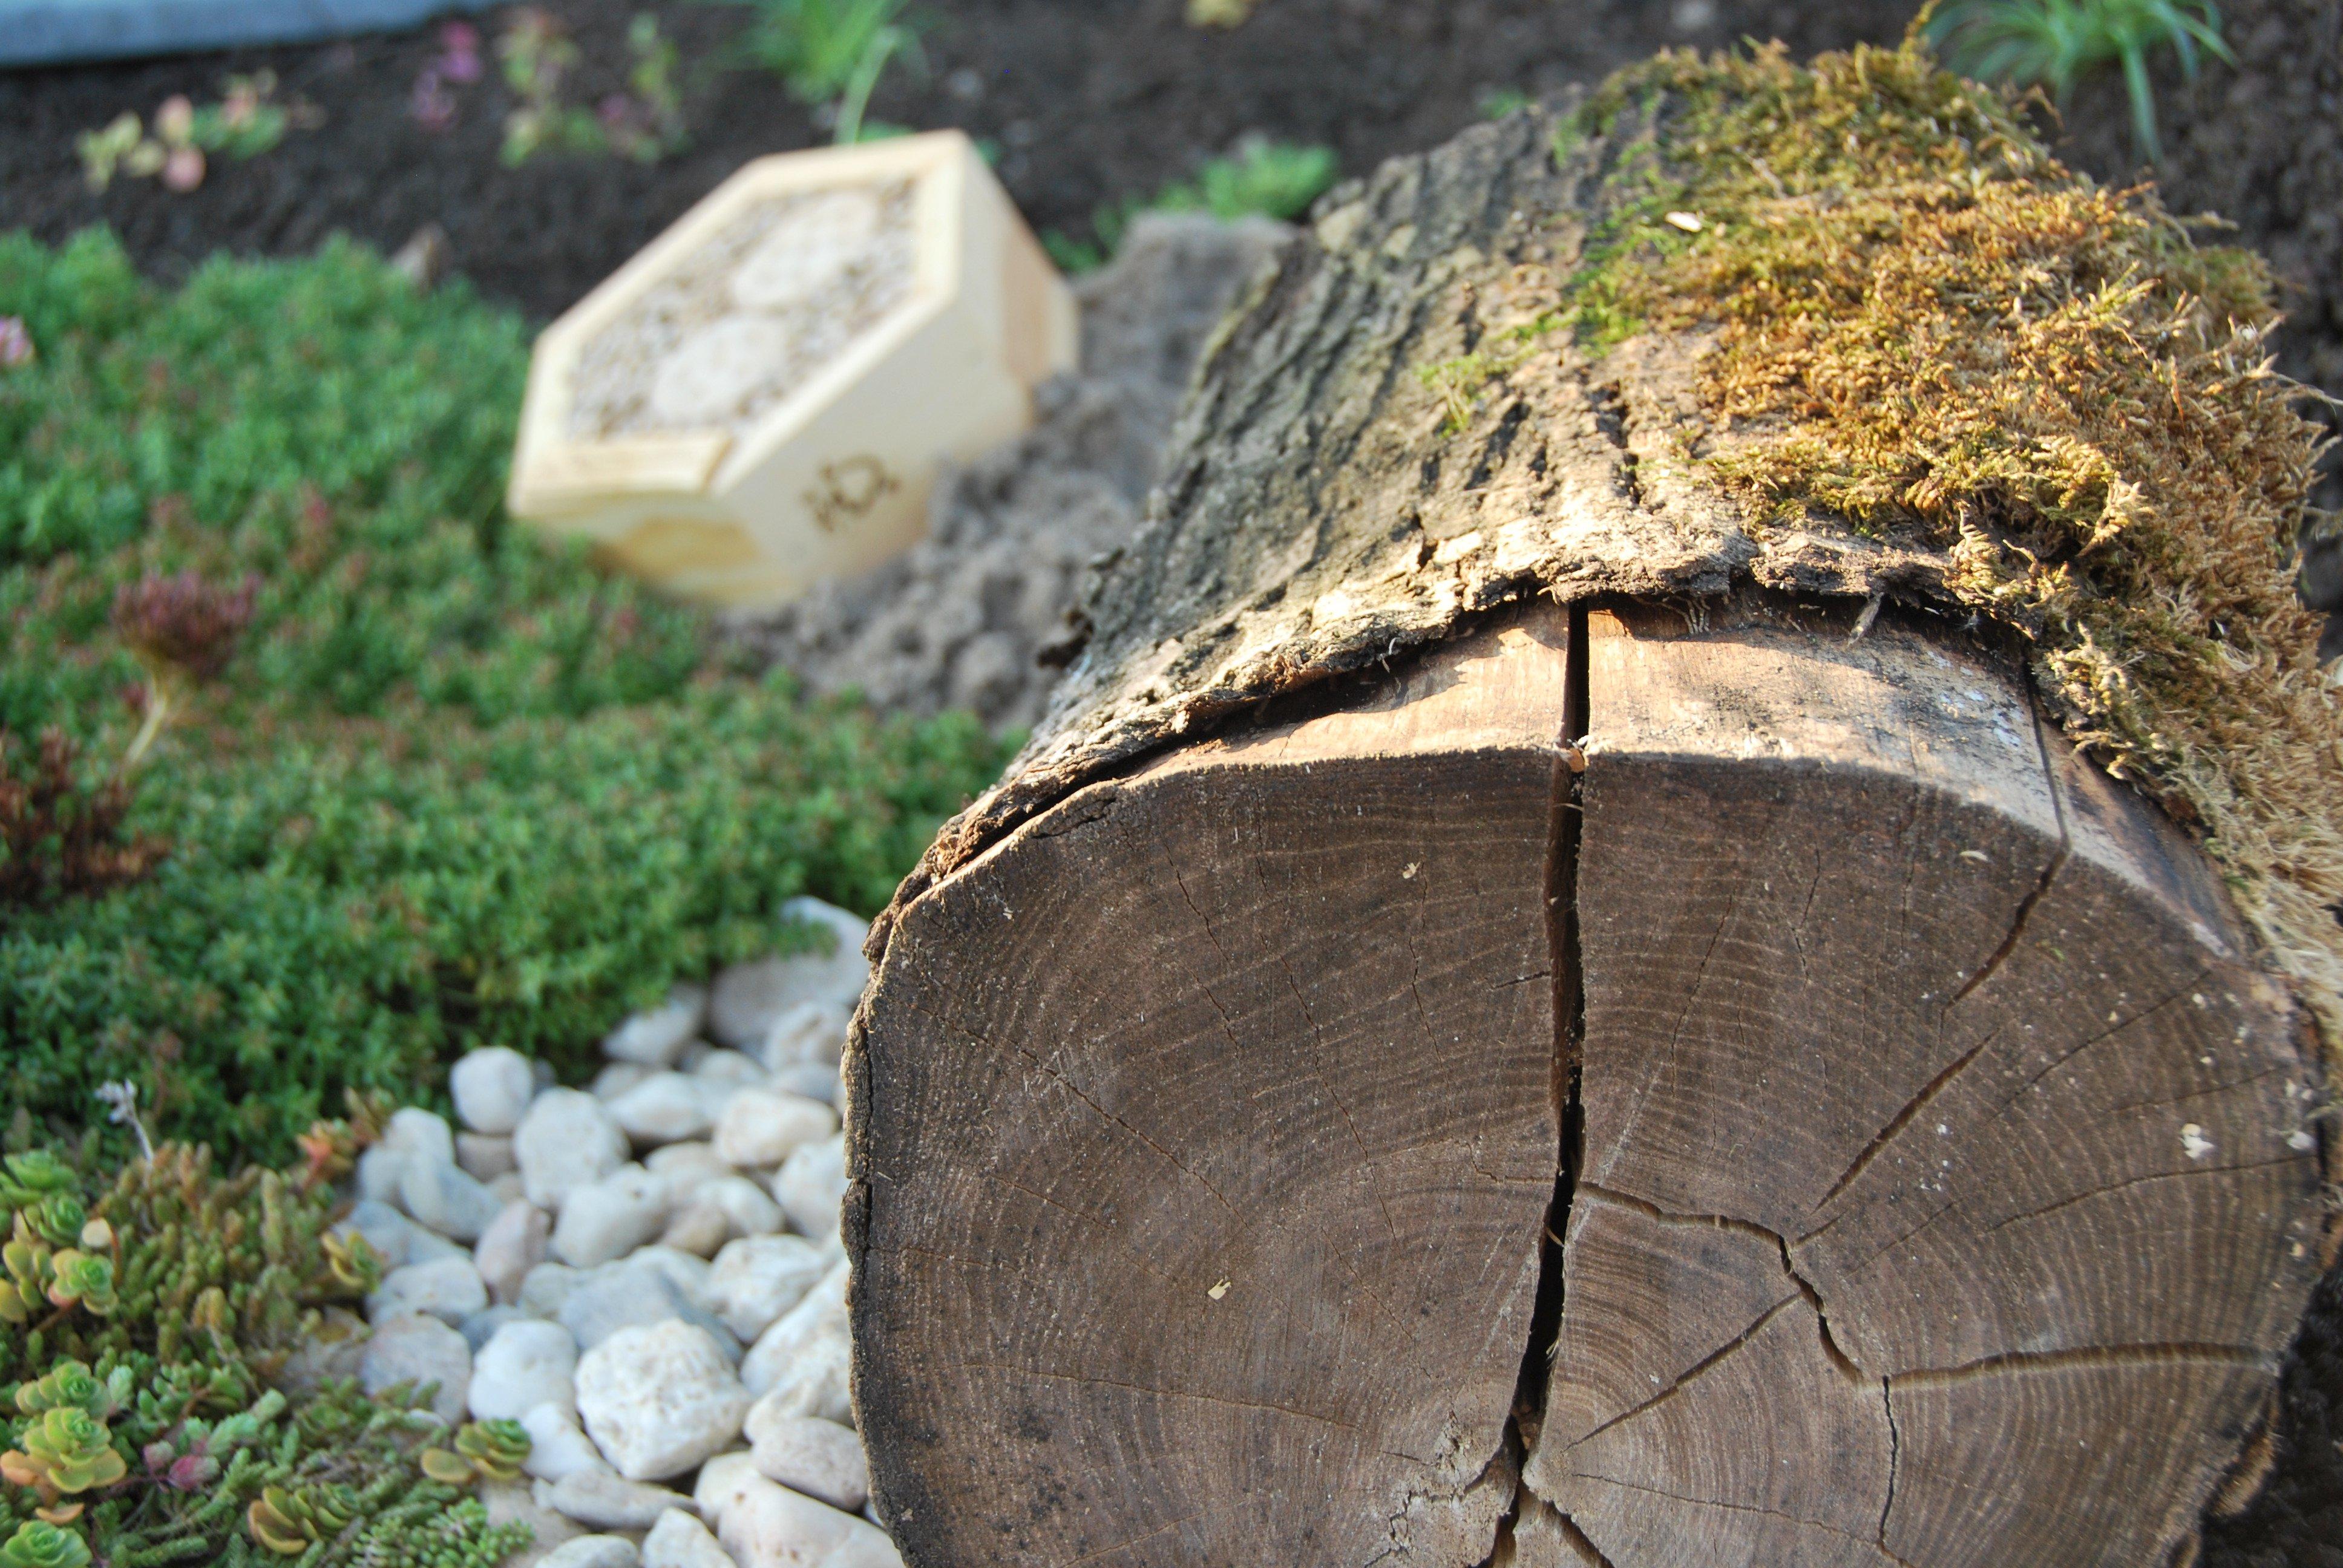 Sempergreen Biodiversiteitspakket (1)